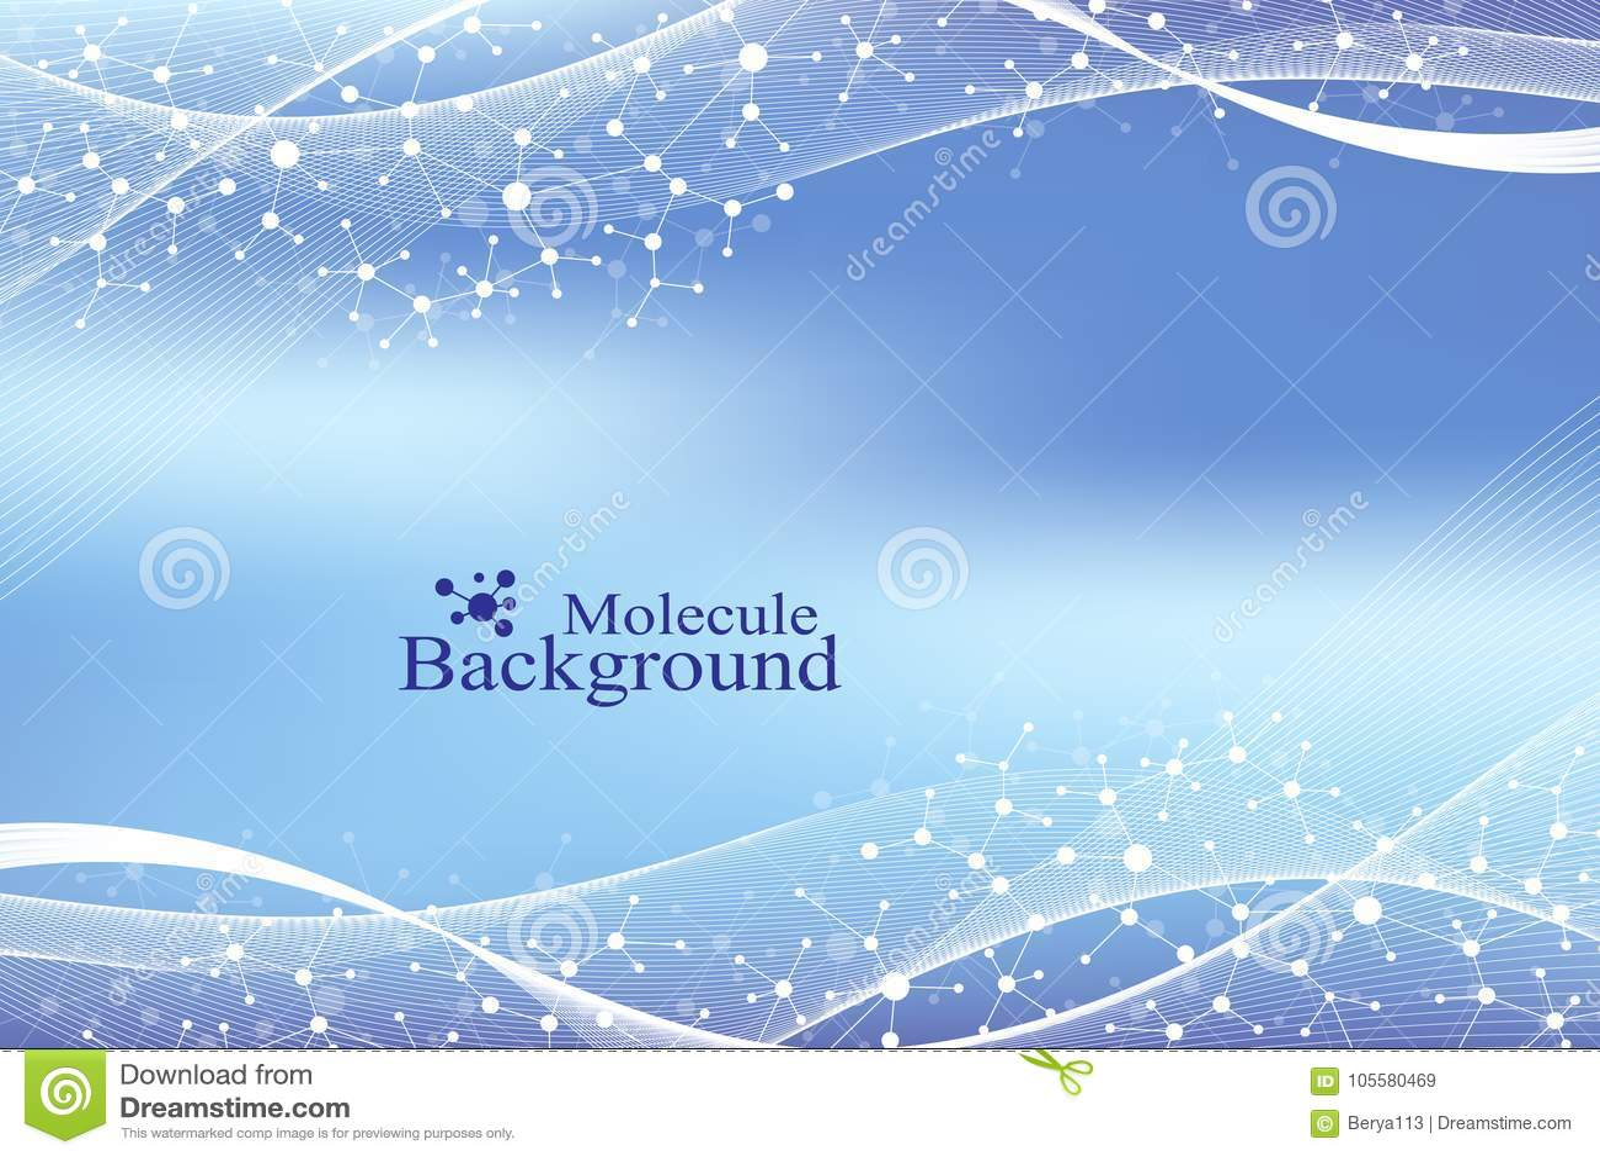 Moderne DNA van de Structuurmolecule atoom Molecule en communicatie achtergrond voor geneeskunde, wetenschap, technologie, chemie